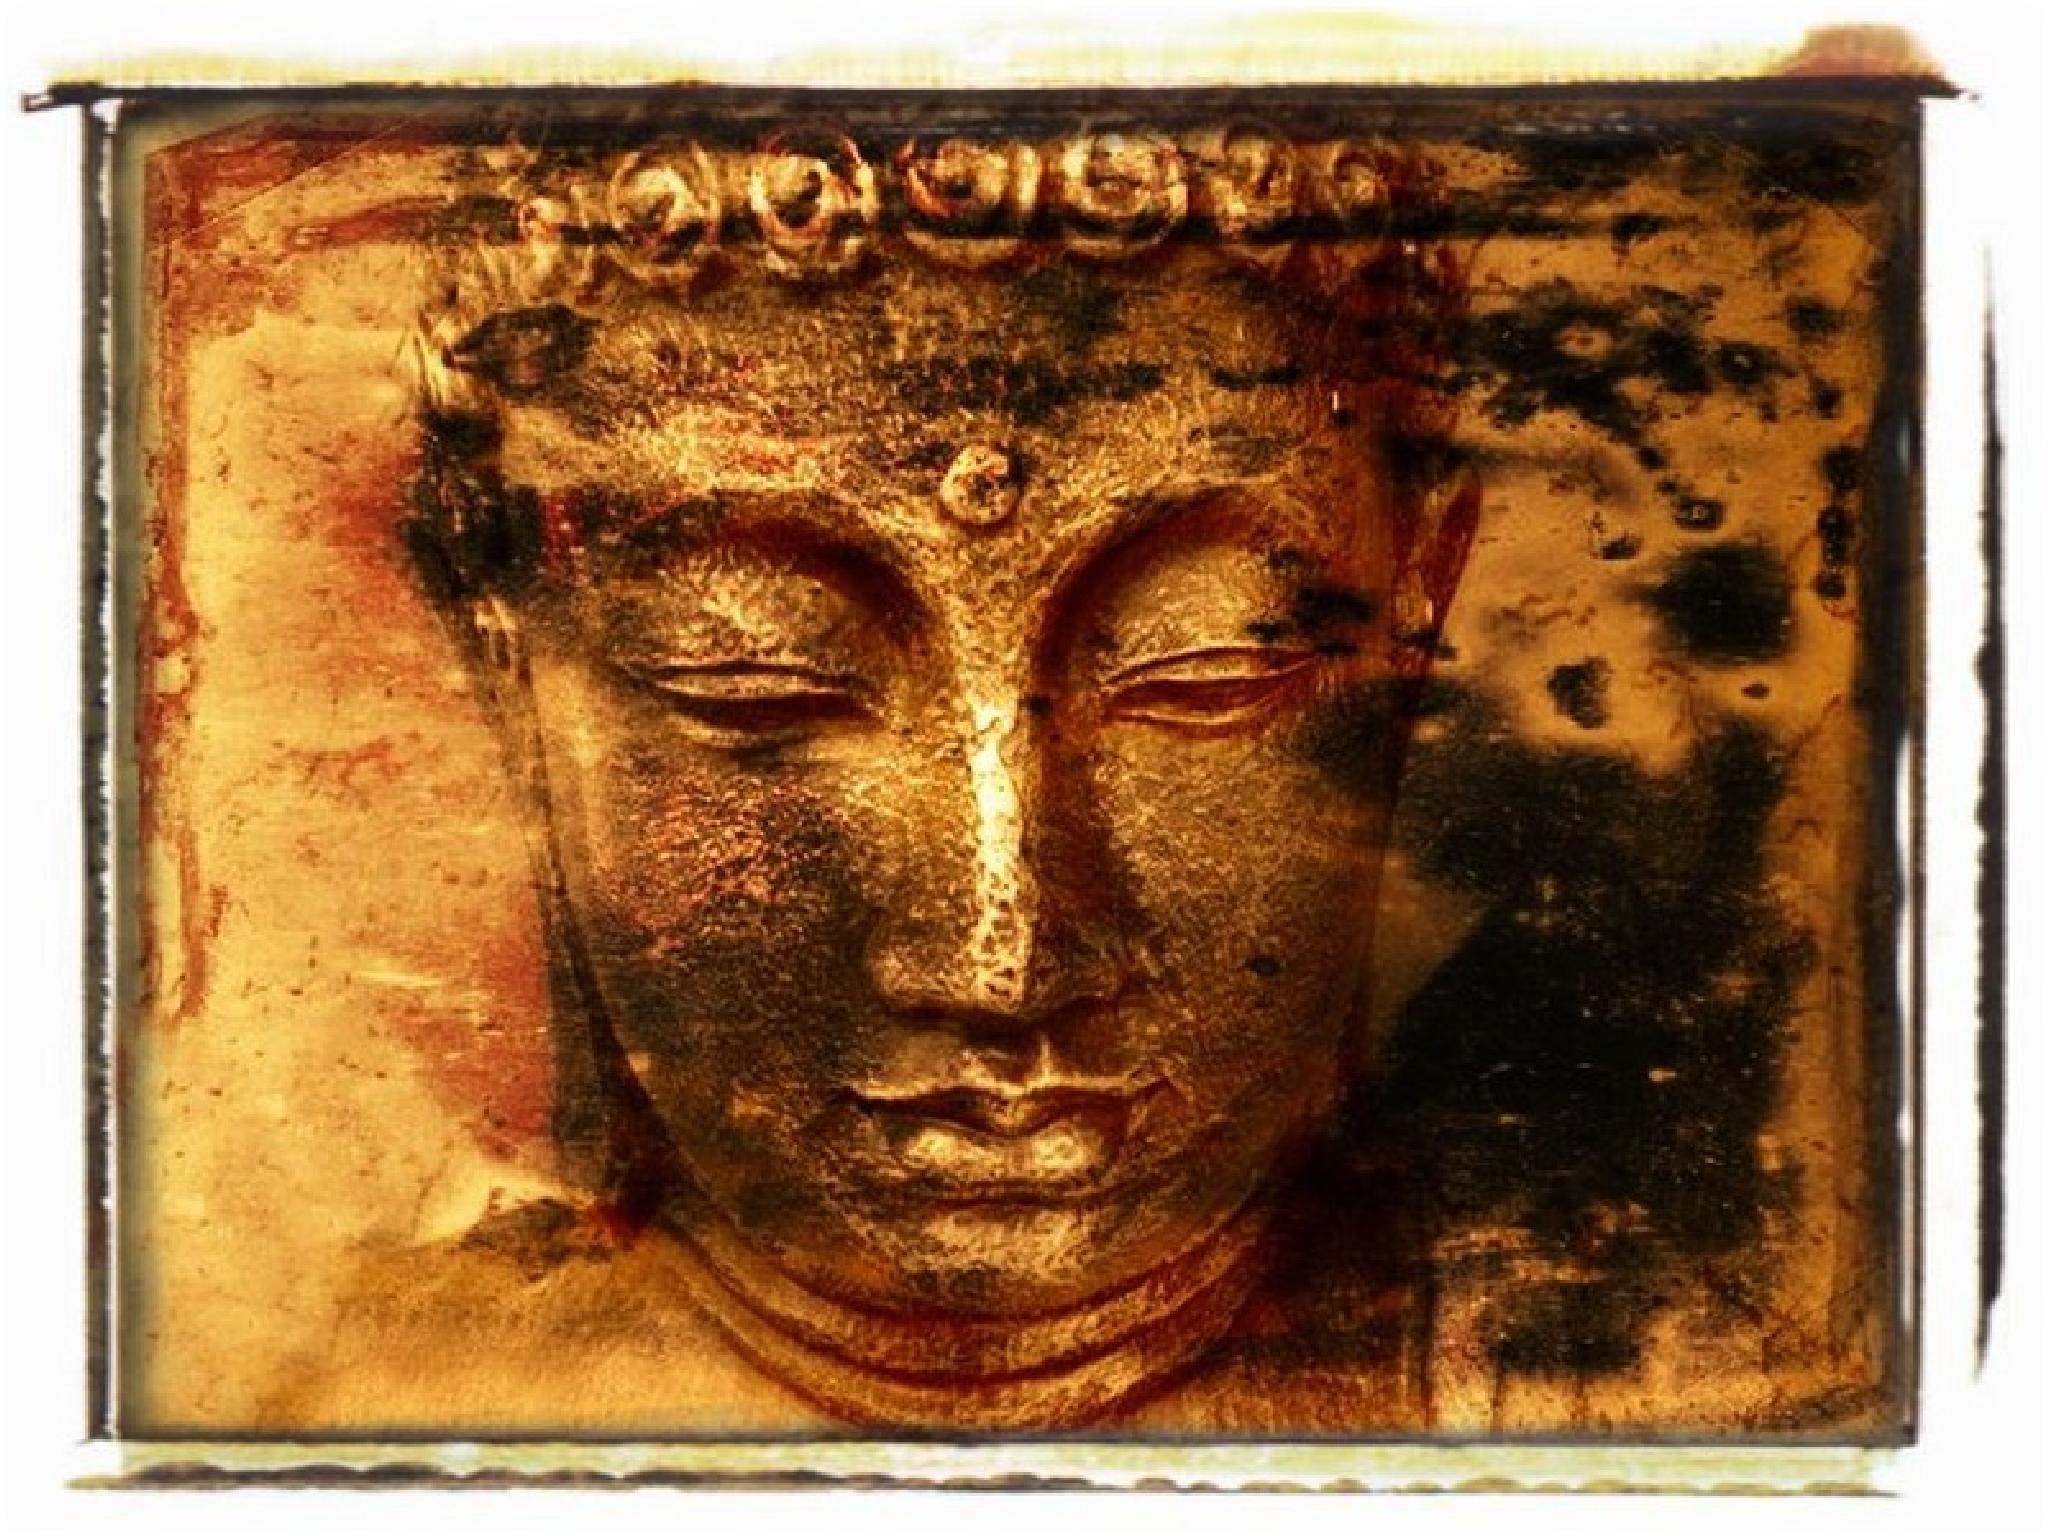 buddha's head by FabioKeiner